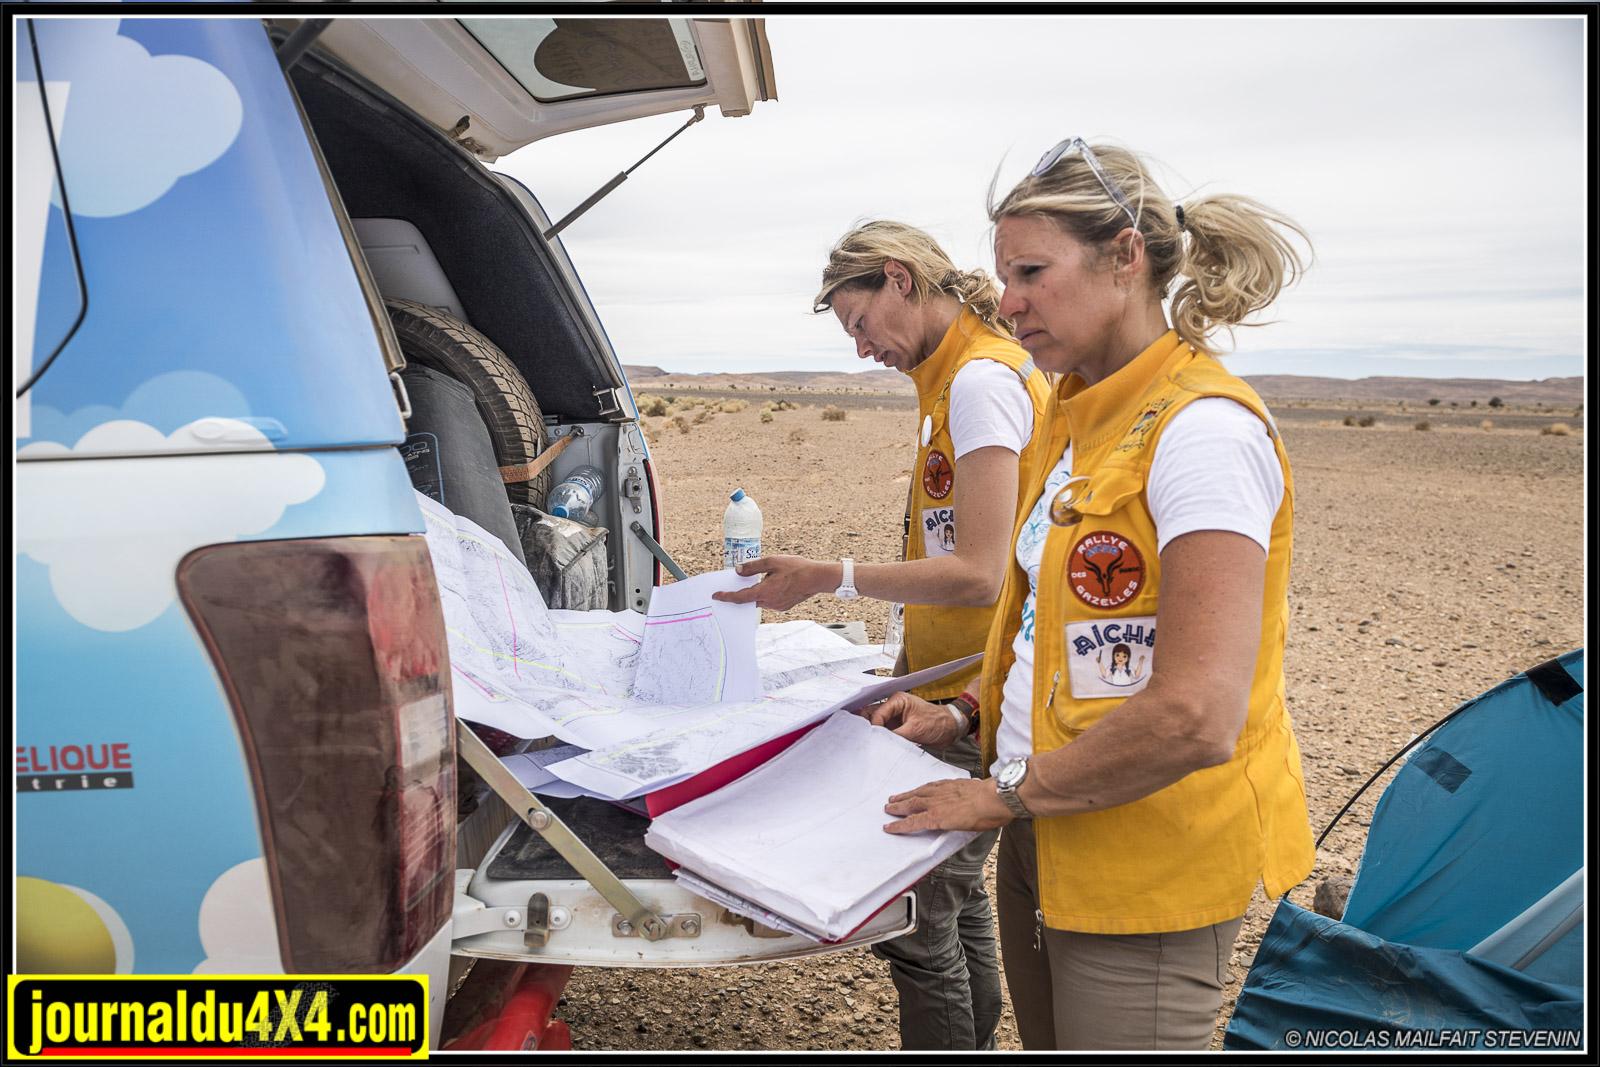 rallye-aicha-gazelles-maroc-2017-6783.jpg